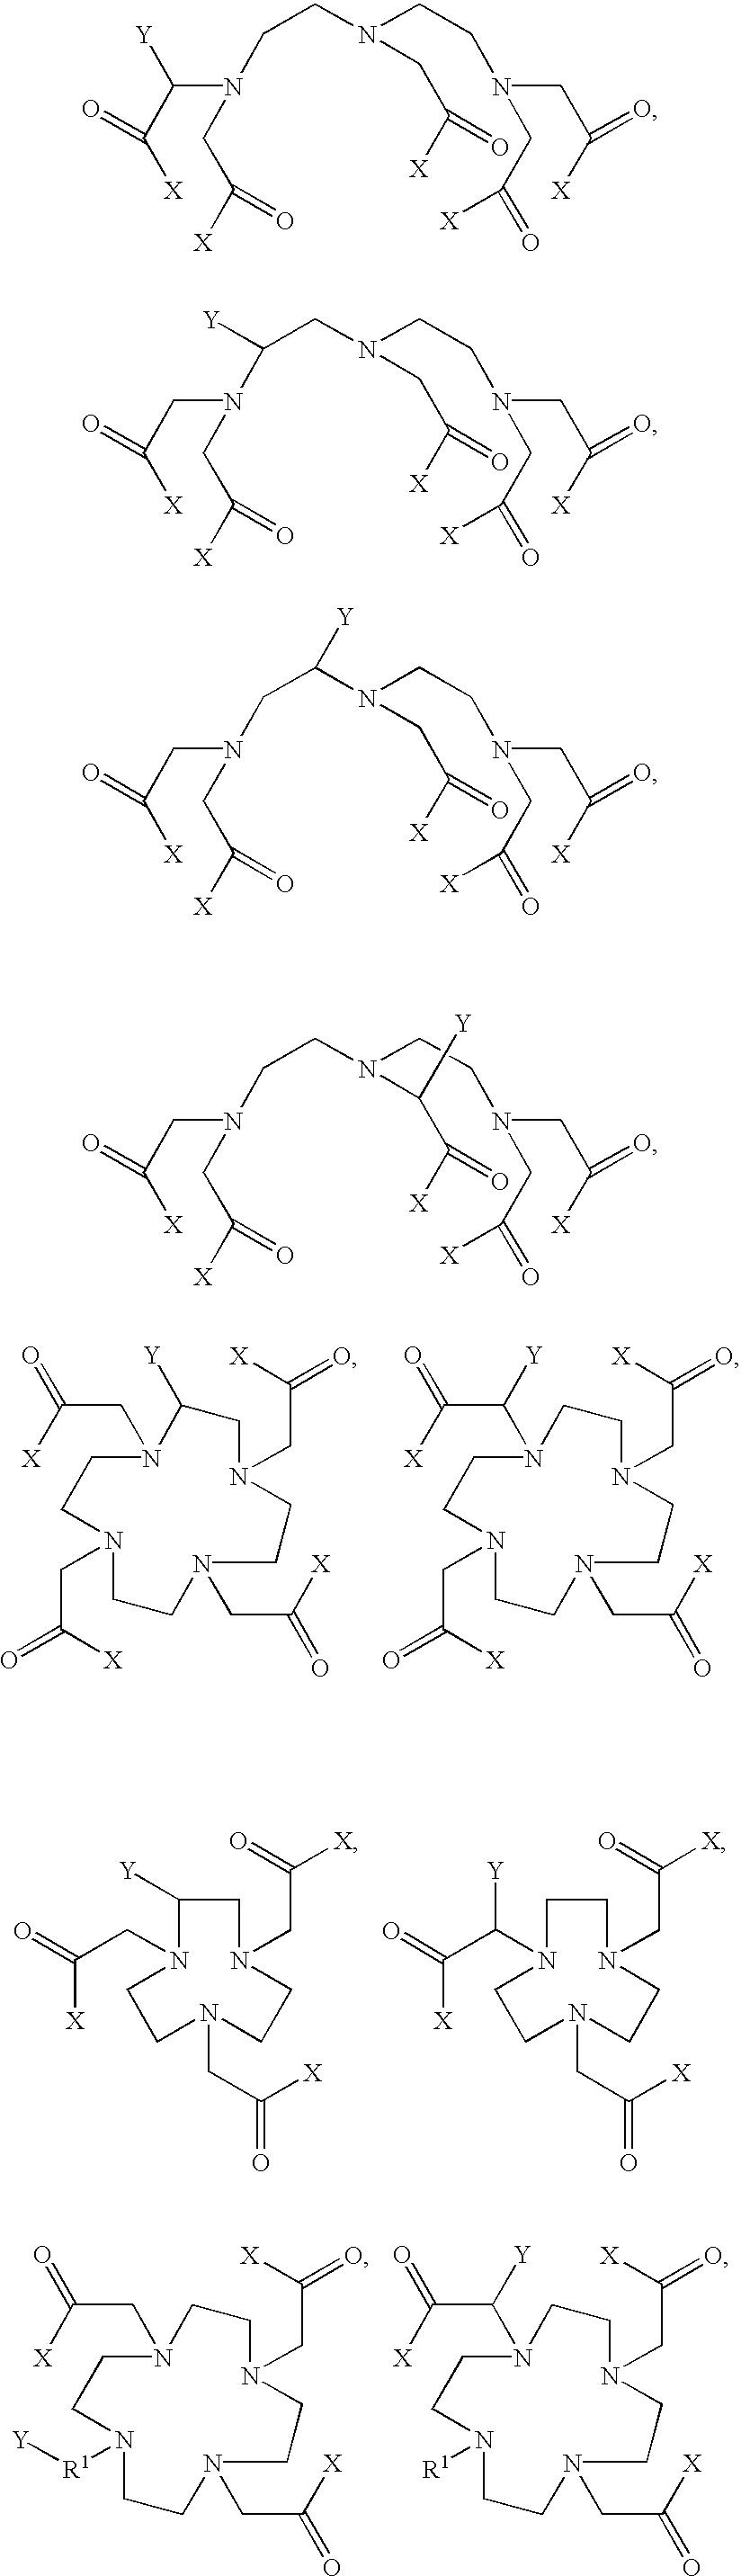 Figure US20030180222A1-20030925-C00152